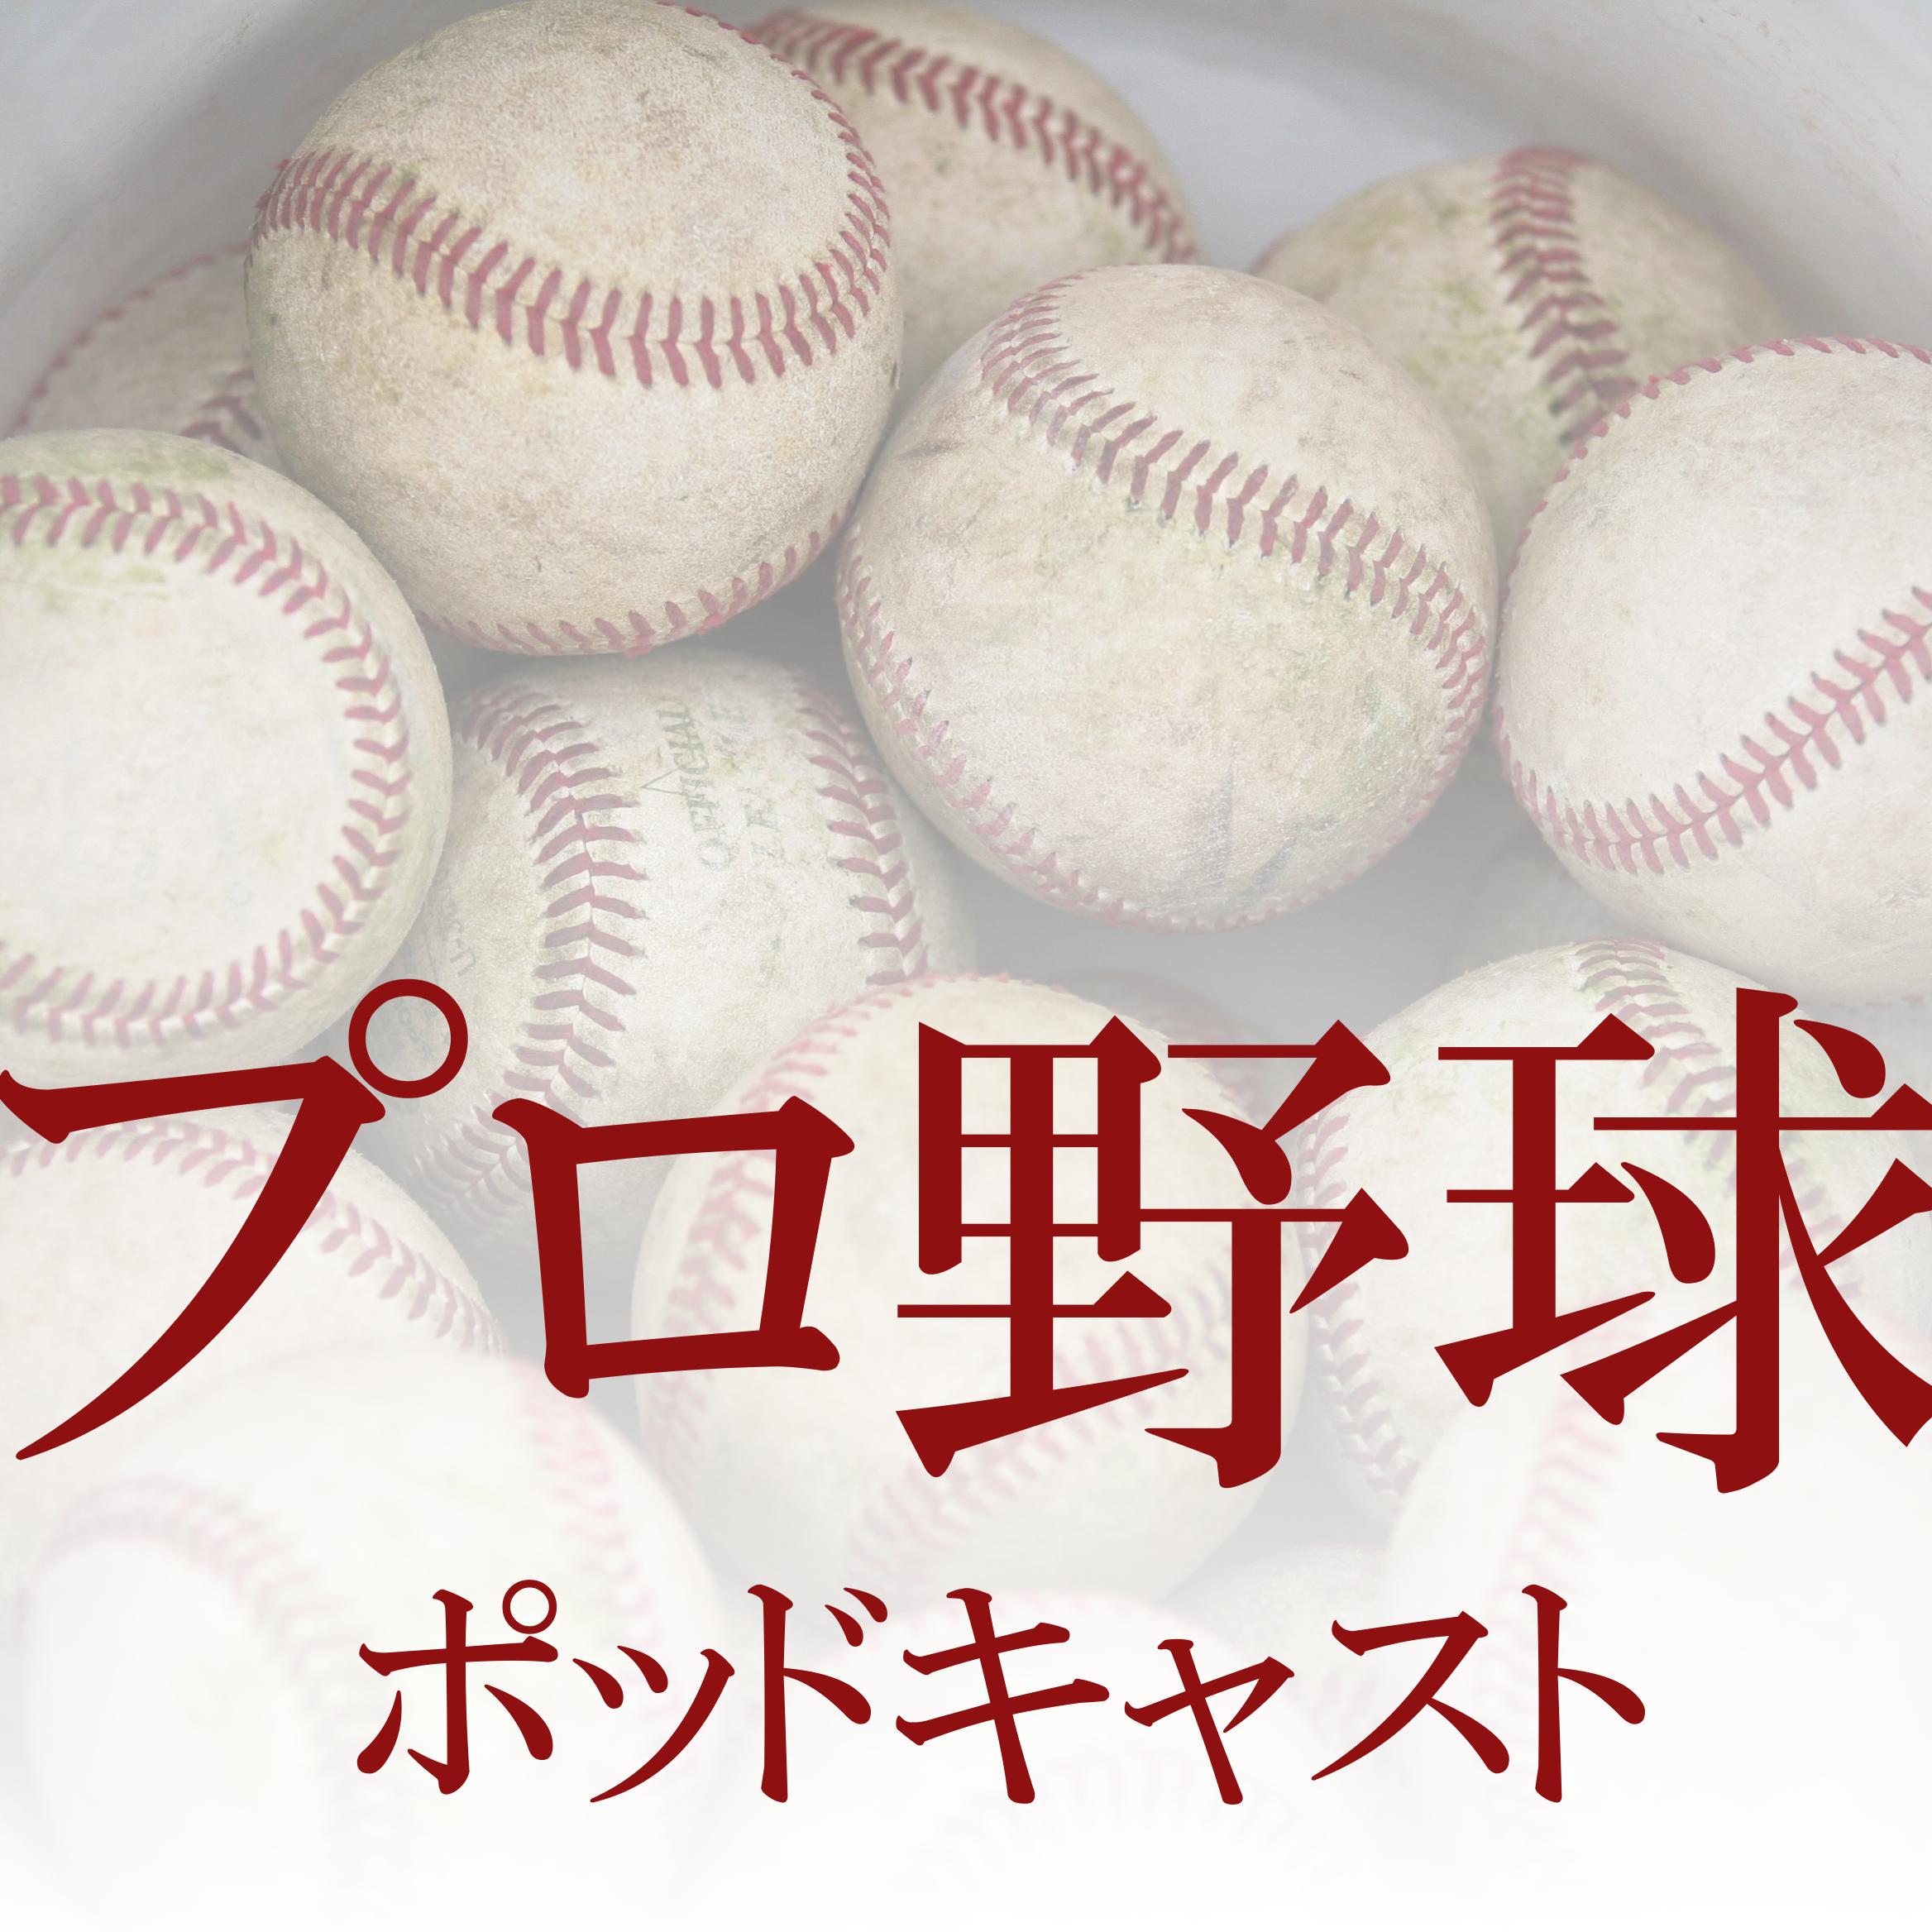 プロ野球ポッドキャストカバー画像